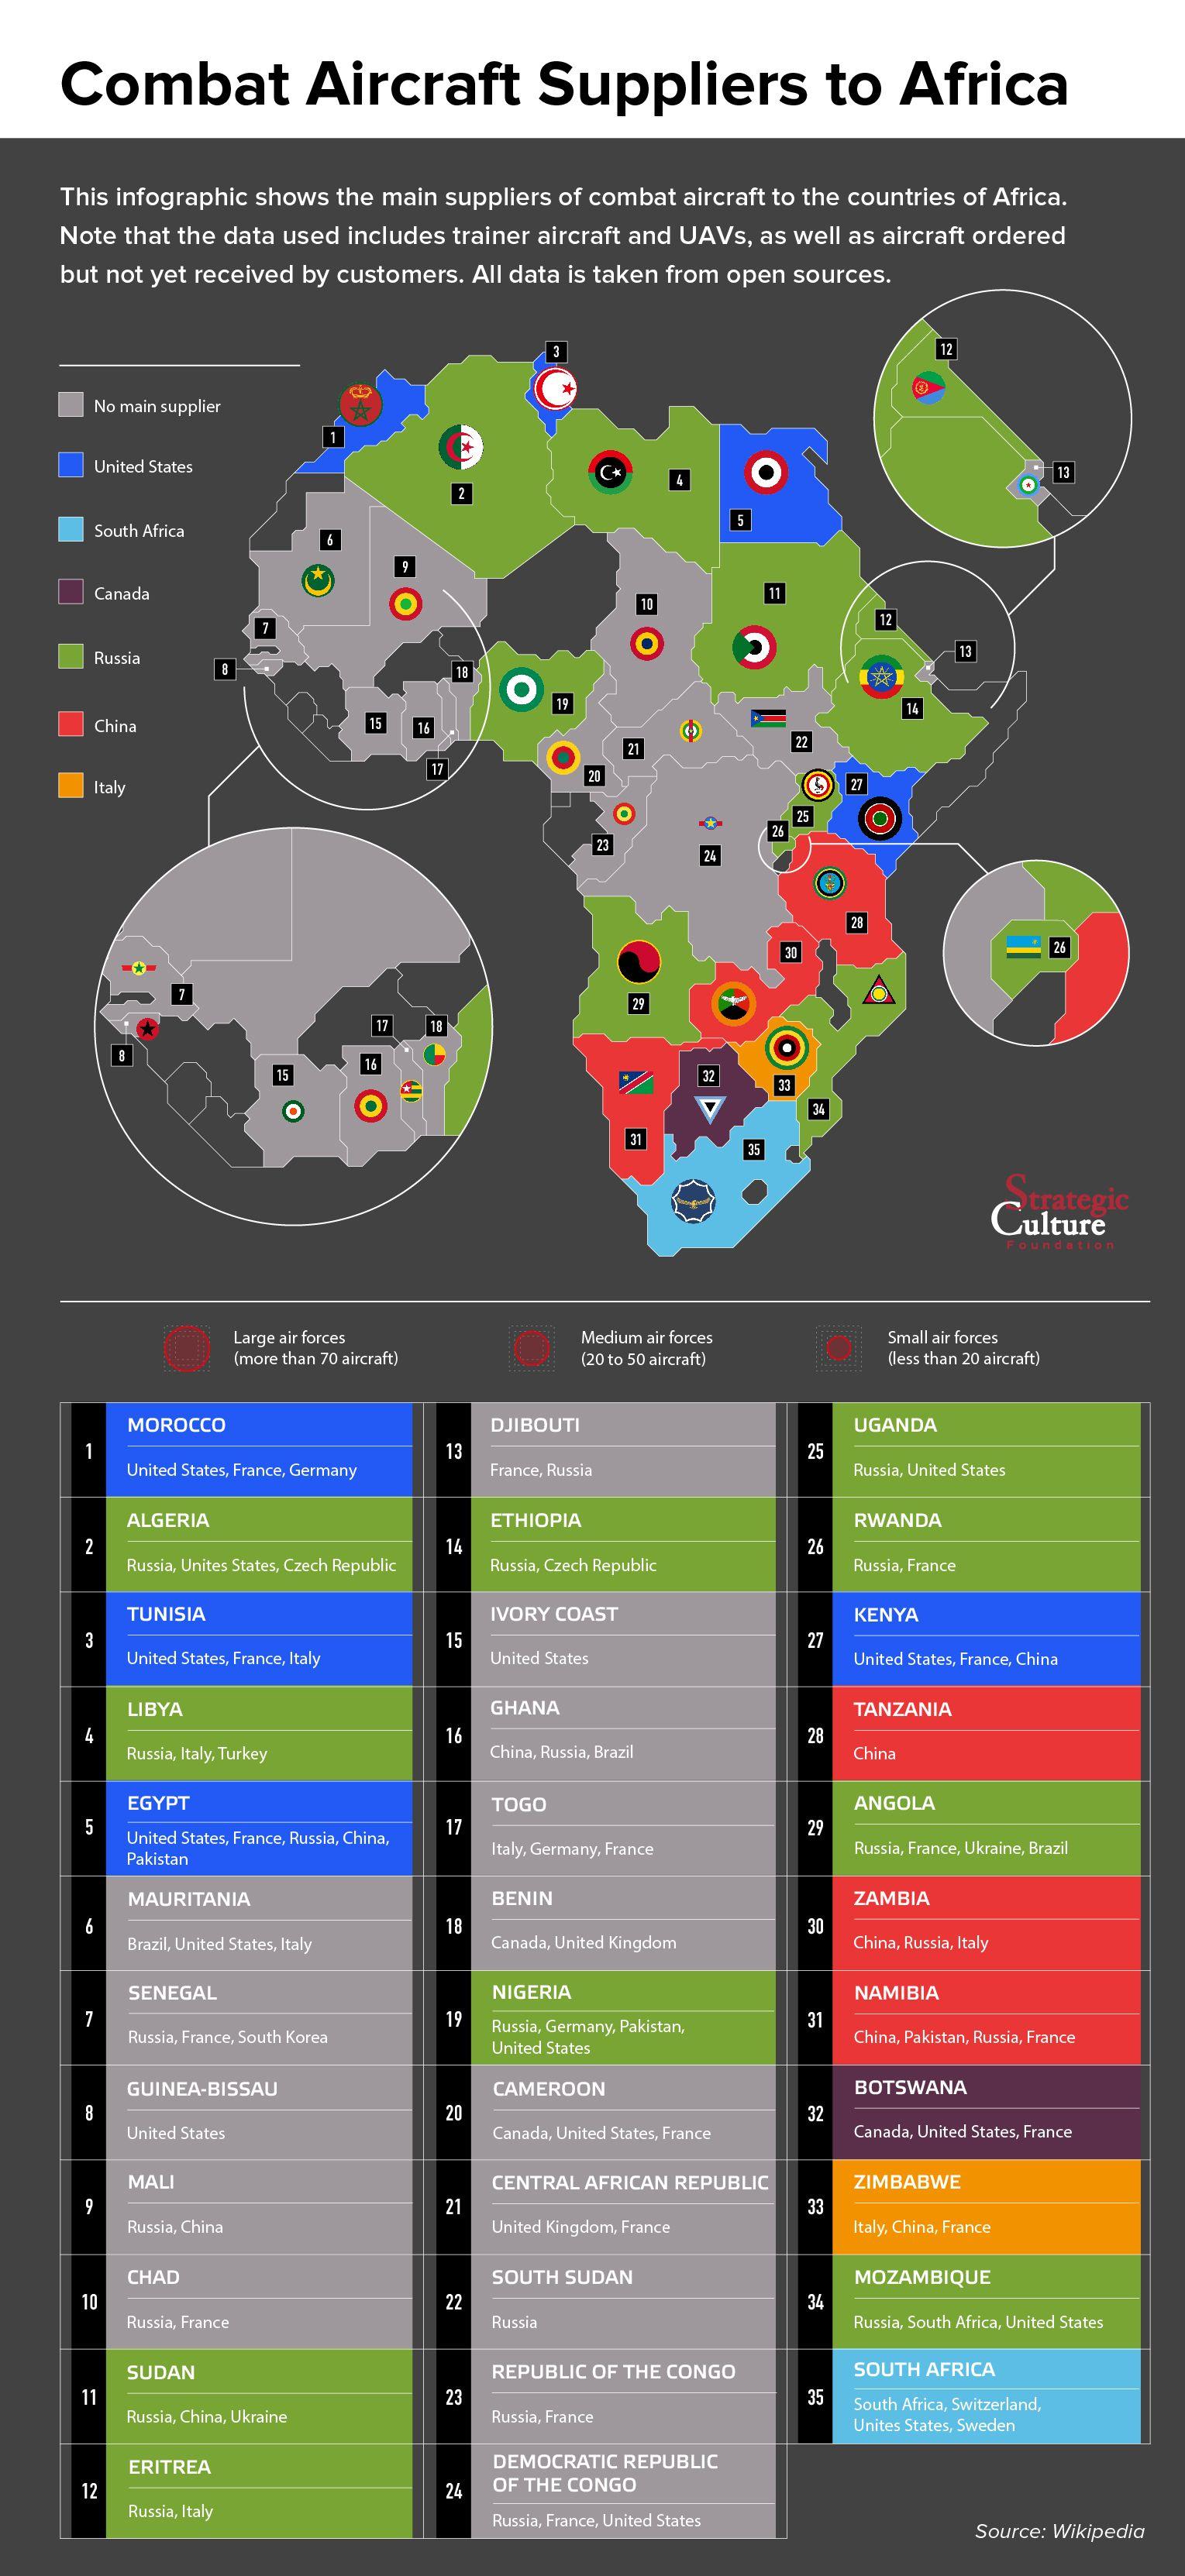 Lieferanten von Kampfflugzeugen für Afrika